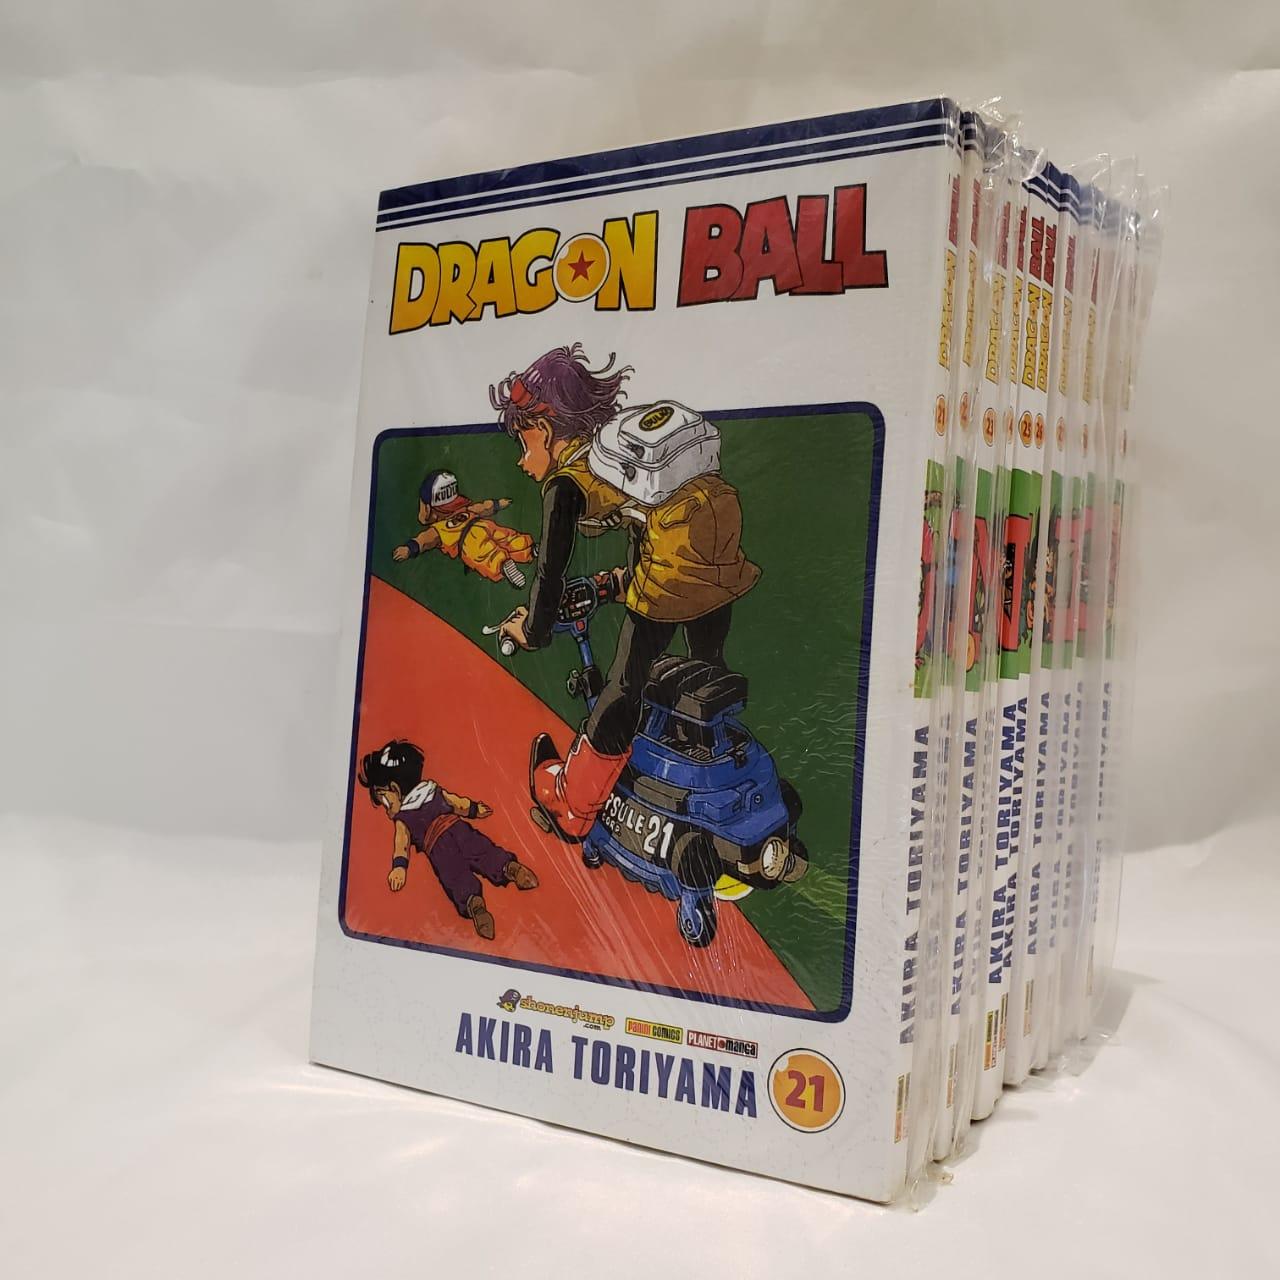 Dragon Ball - 21 ao 30 - Pack